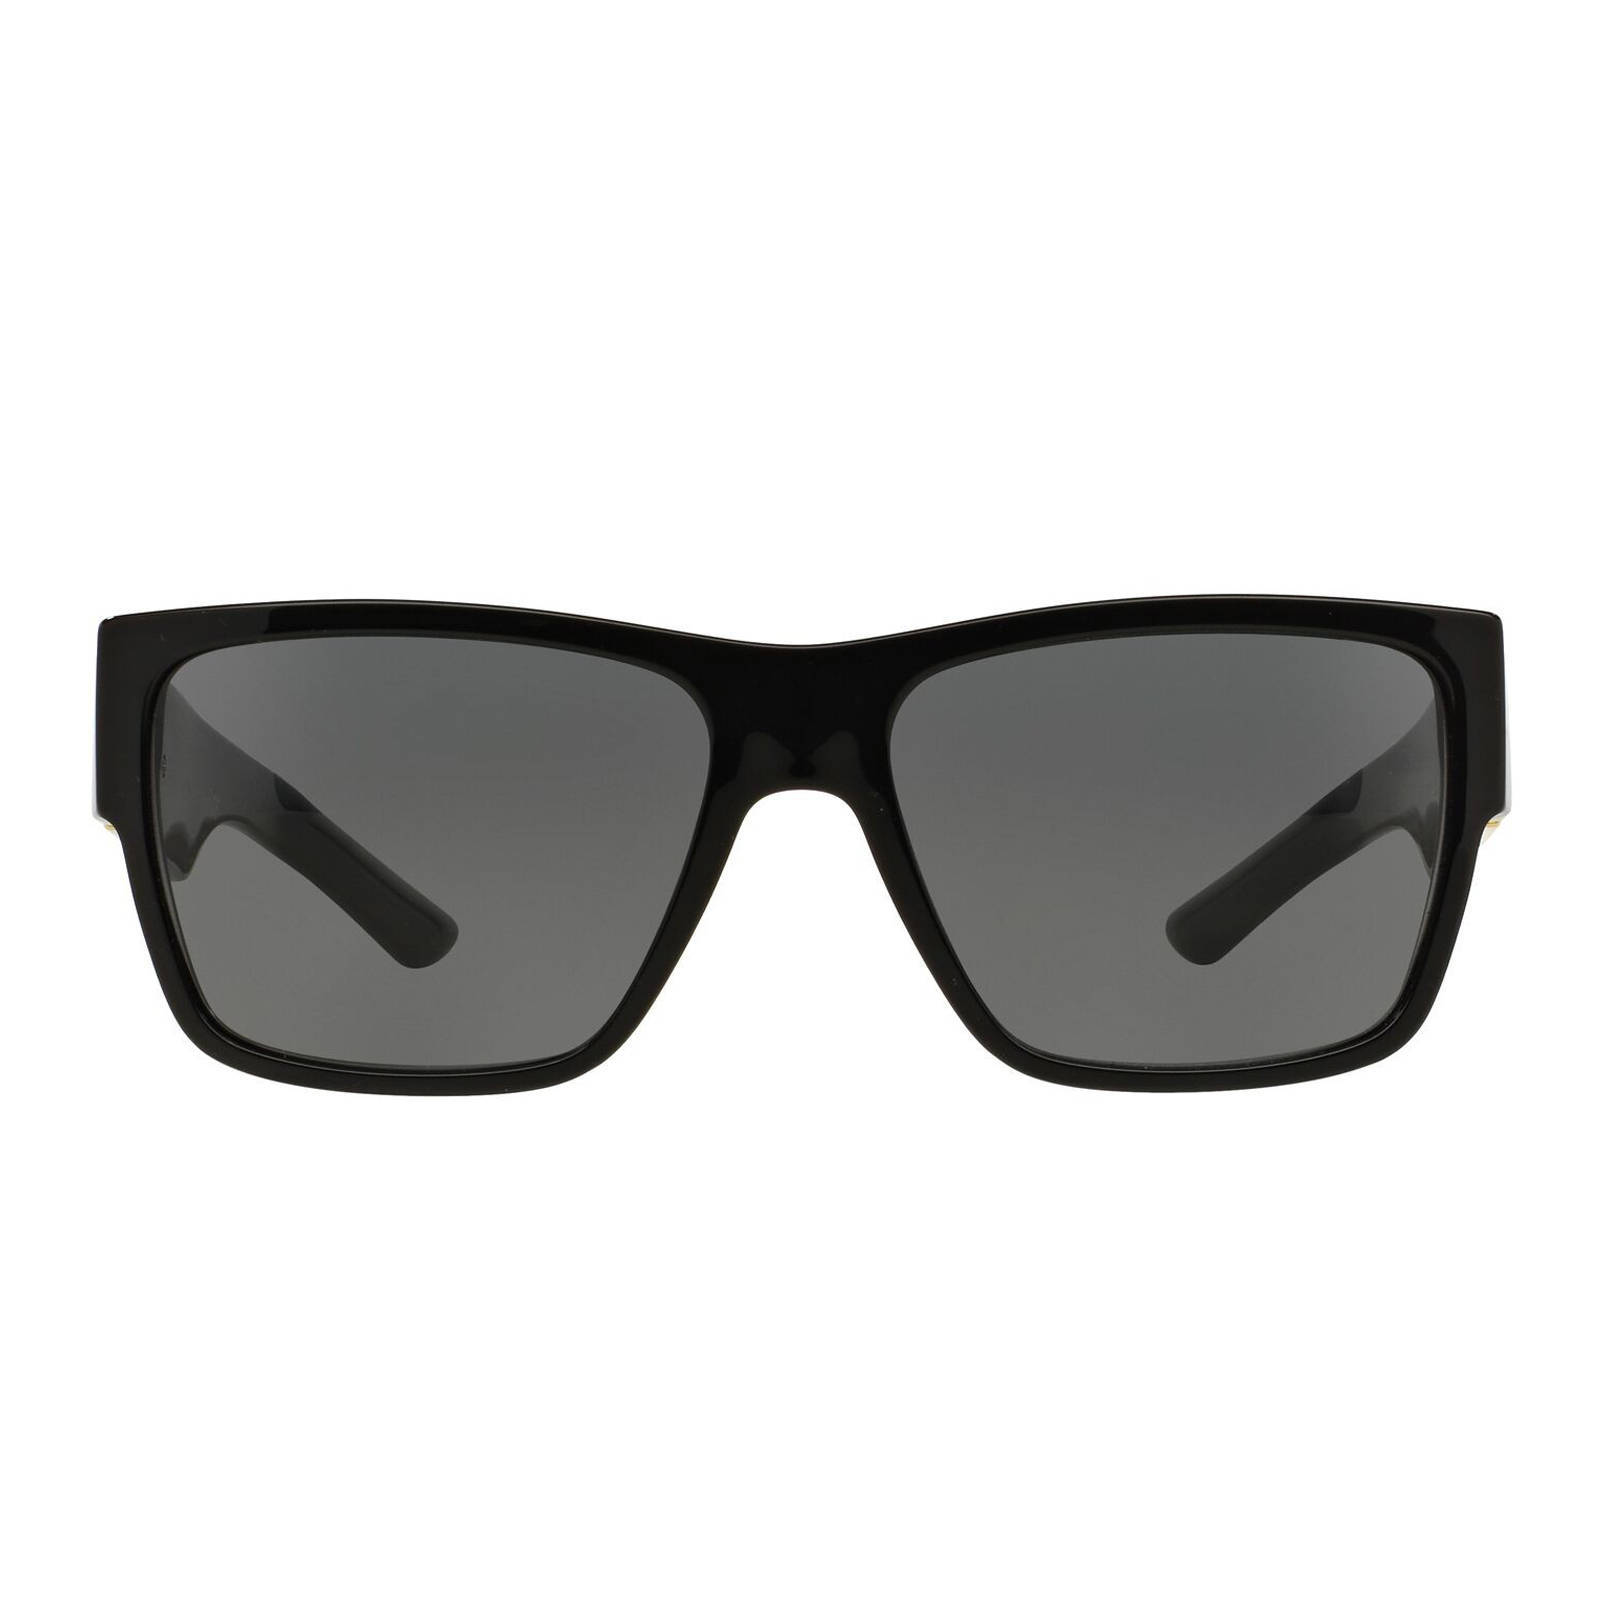 Versace zonnebril VE4296 zwart   wehkamp